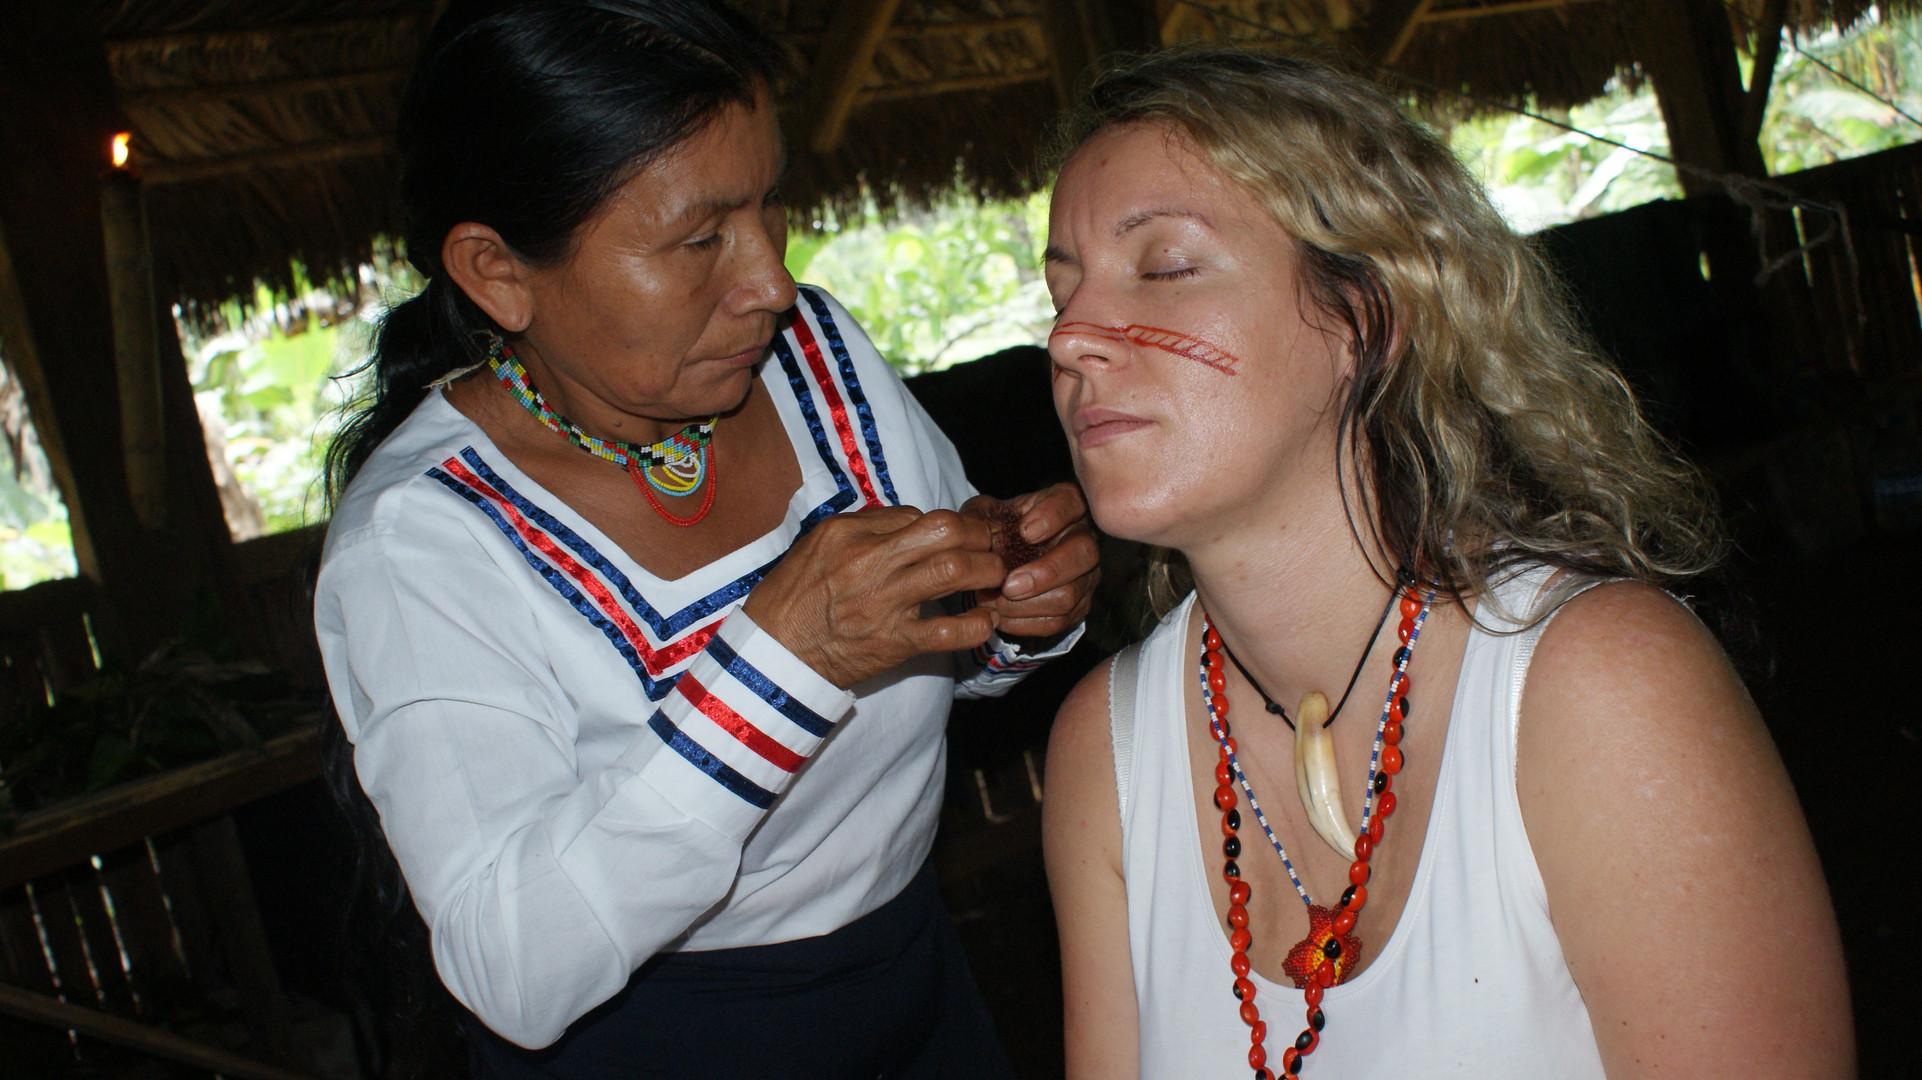 Gesichtsbemalung bei den Kichwaa